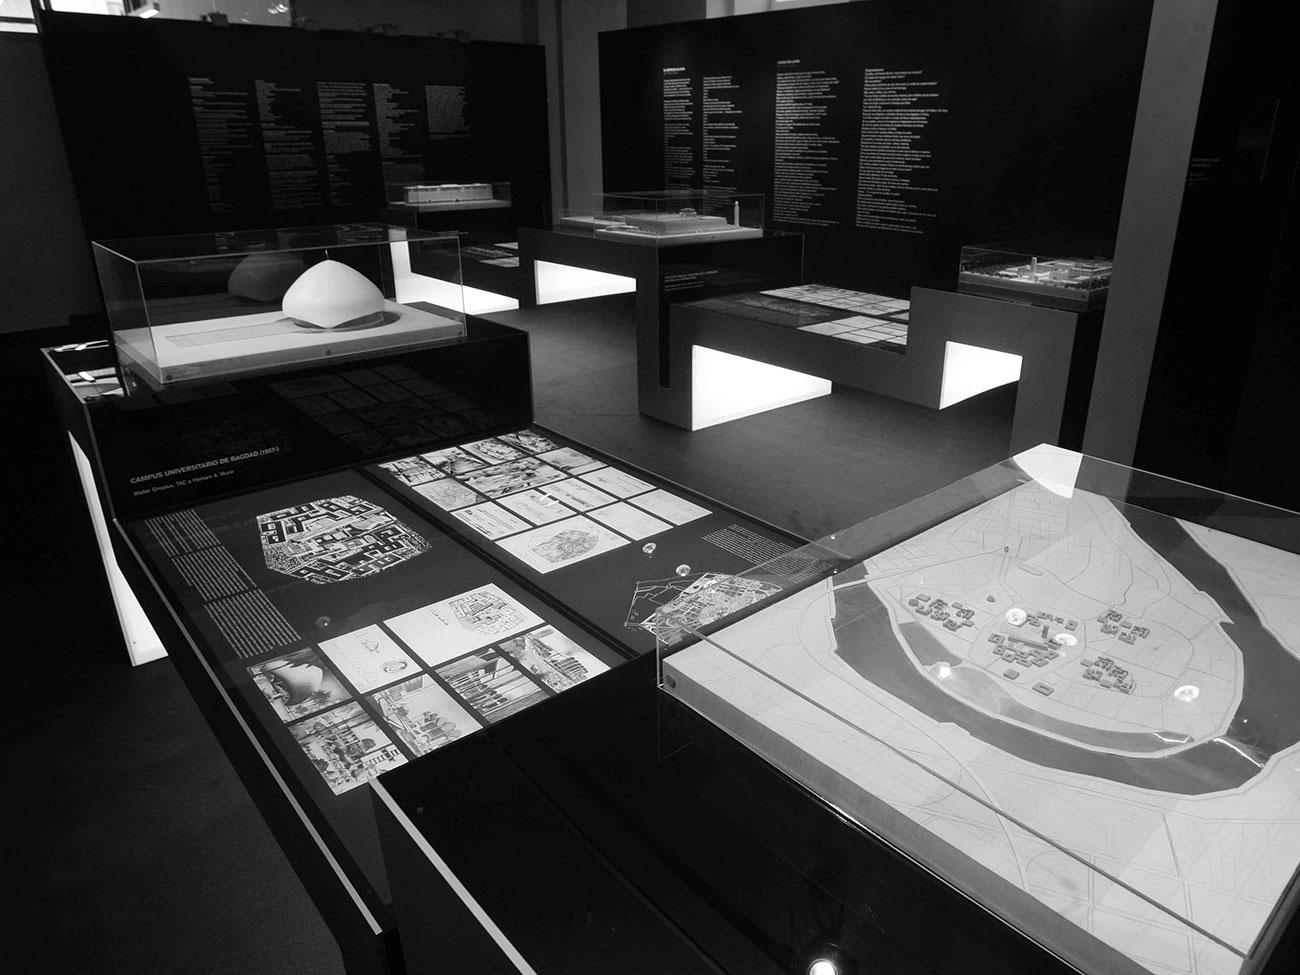 Silvia Miguez-Exhibition-Ciudad del espejismo. Bagdad, de Wright a Venturi